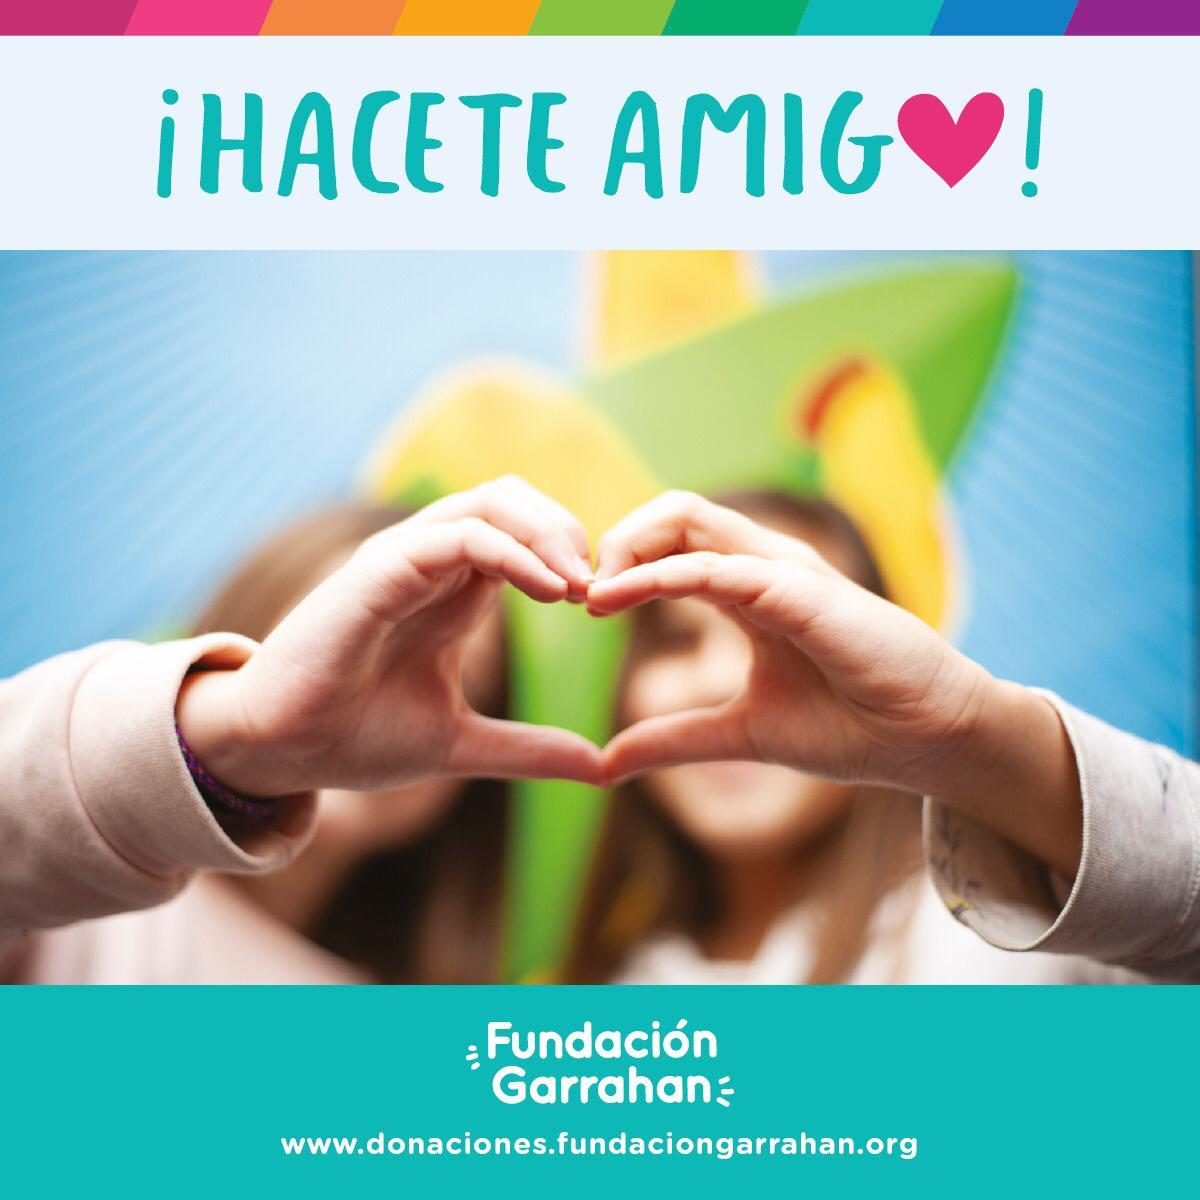 """Fundación Garrahan lanza """"Hacete Amigo"""", una campaña orientada a recaudar fondos a través de pequeñas donaciones"""